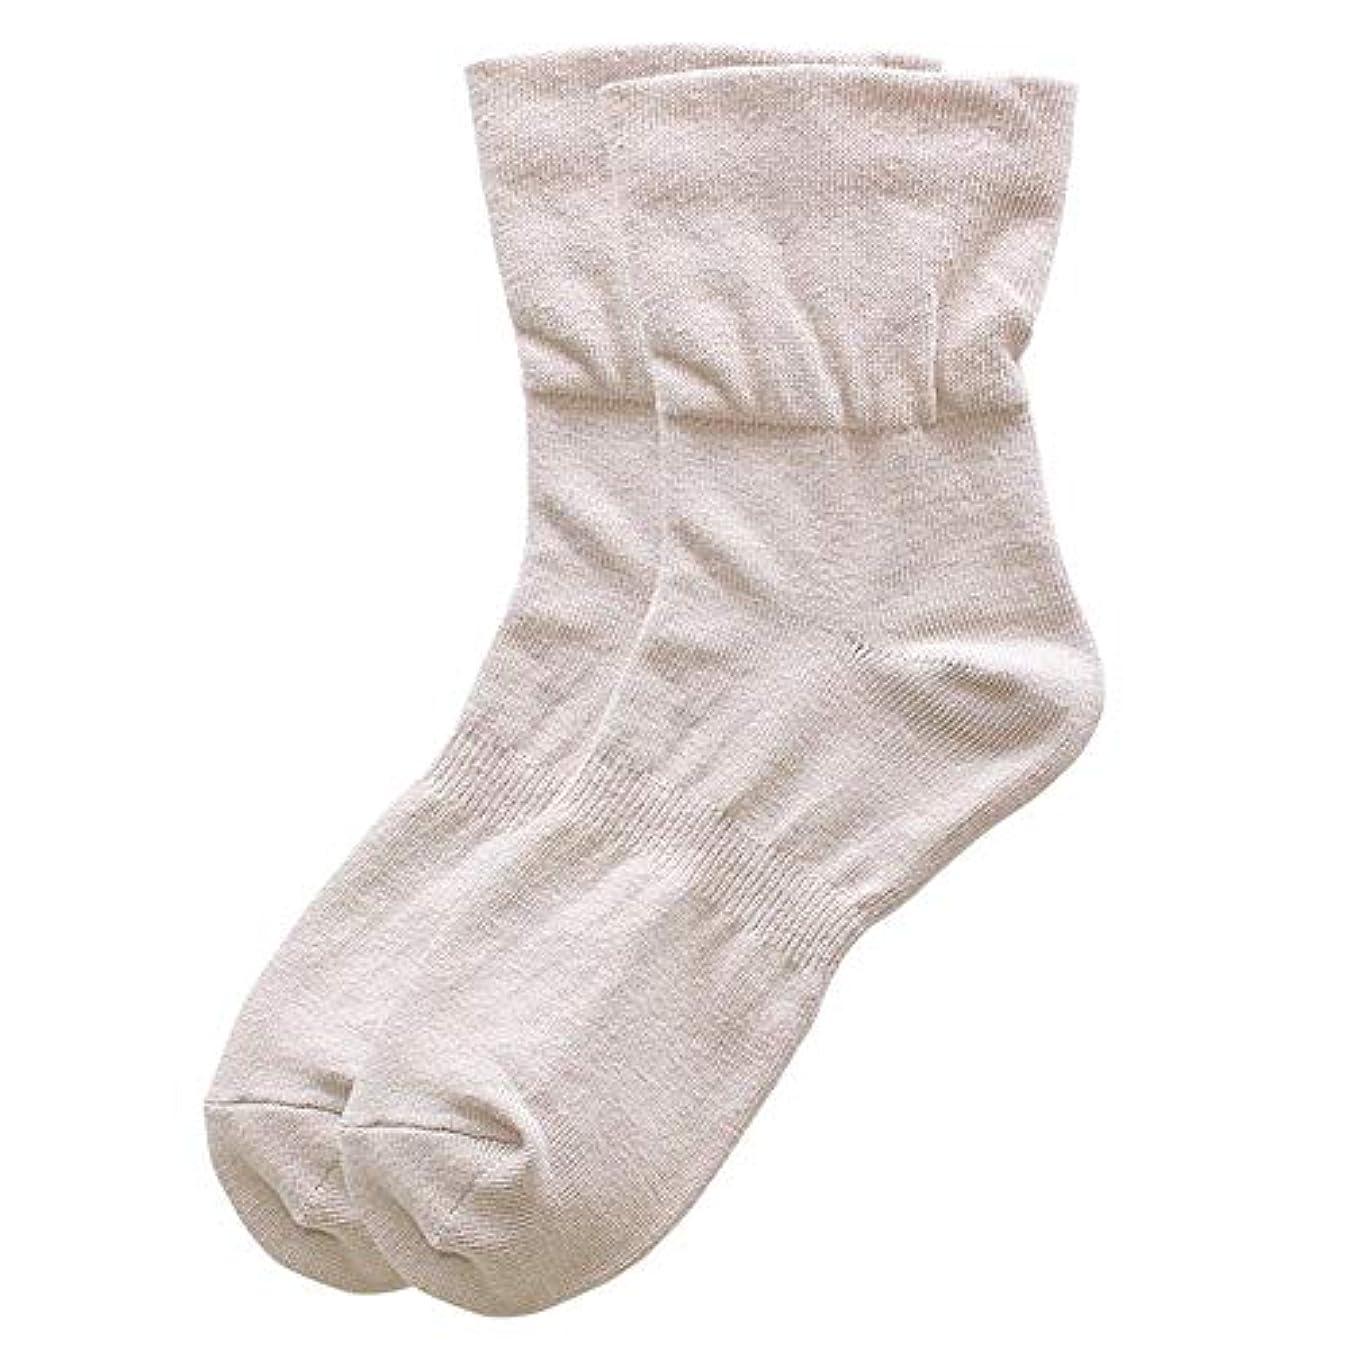 経歴ユダヤ人毎月歩くぬか袋 締めつけない靴下 23-25cm ベージュ